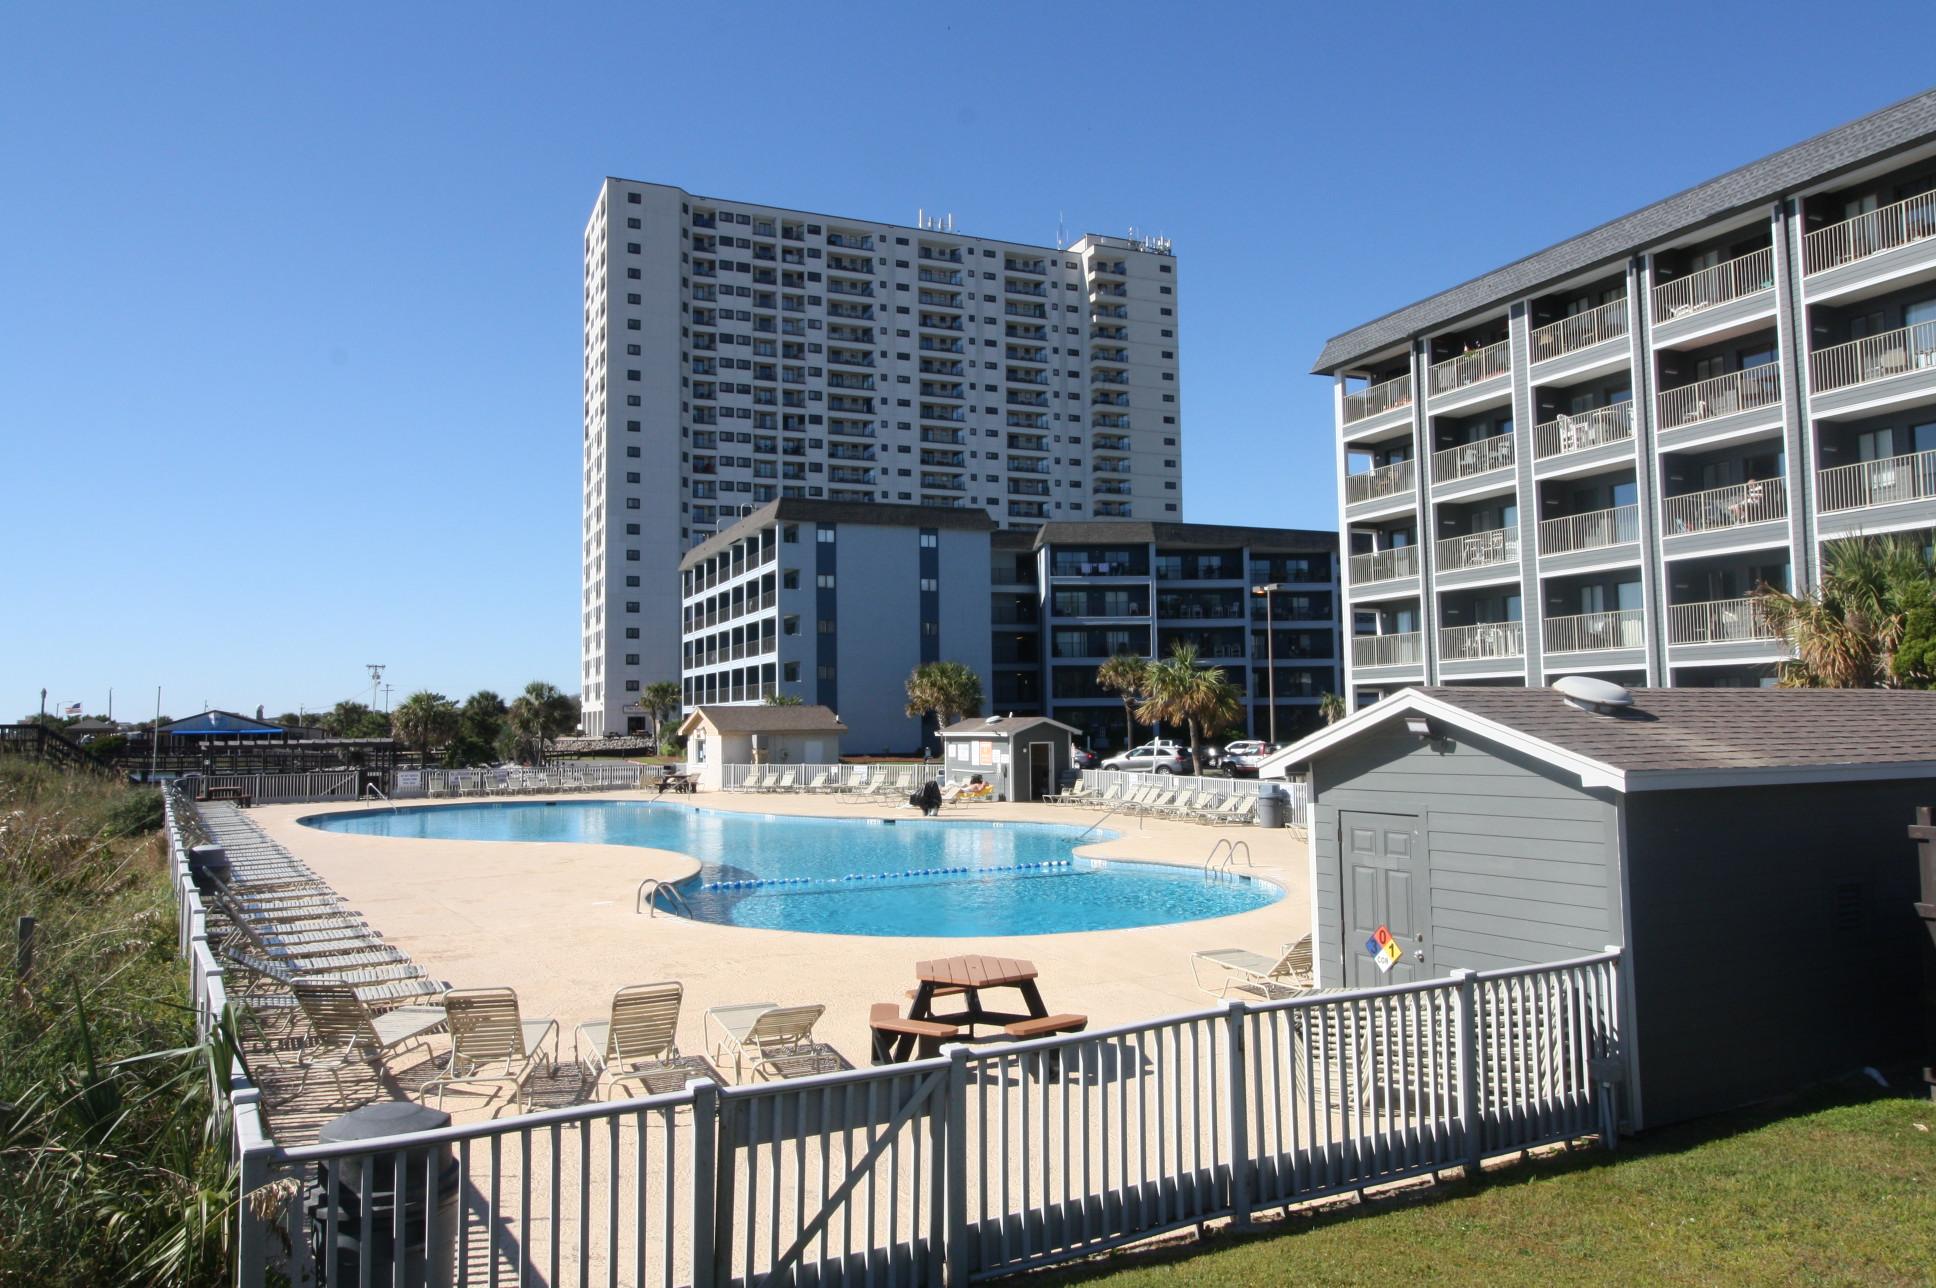 Myrtle Beach Resort